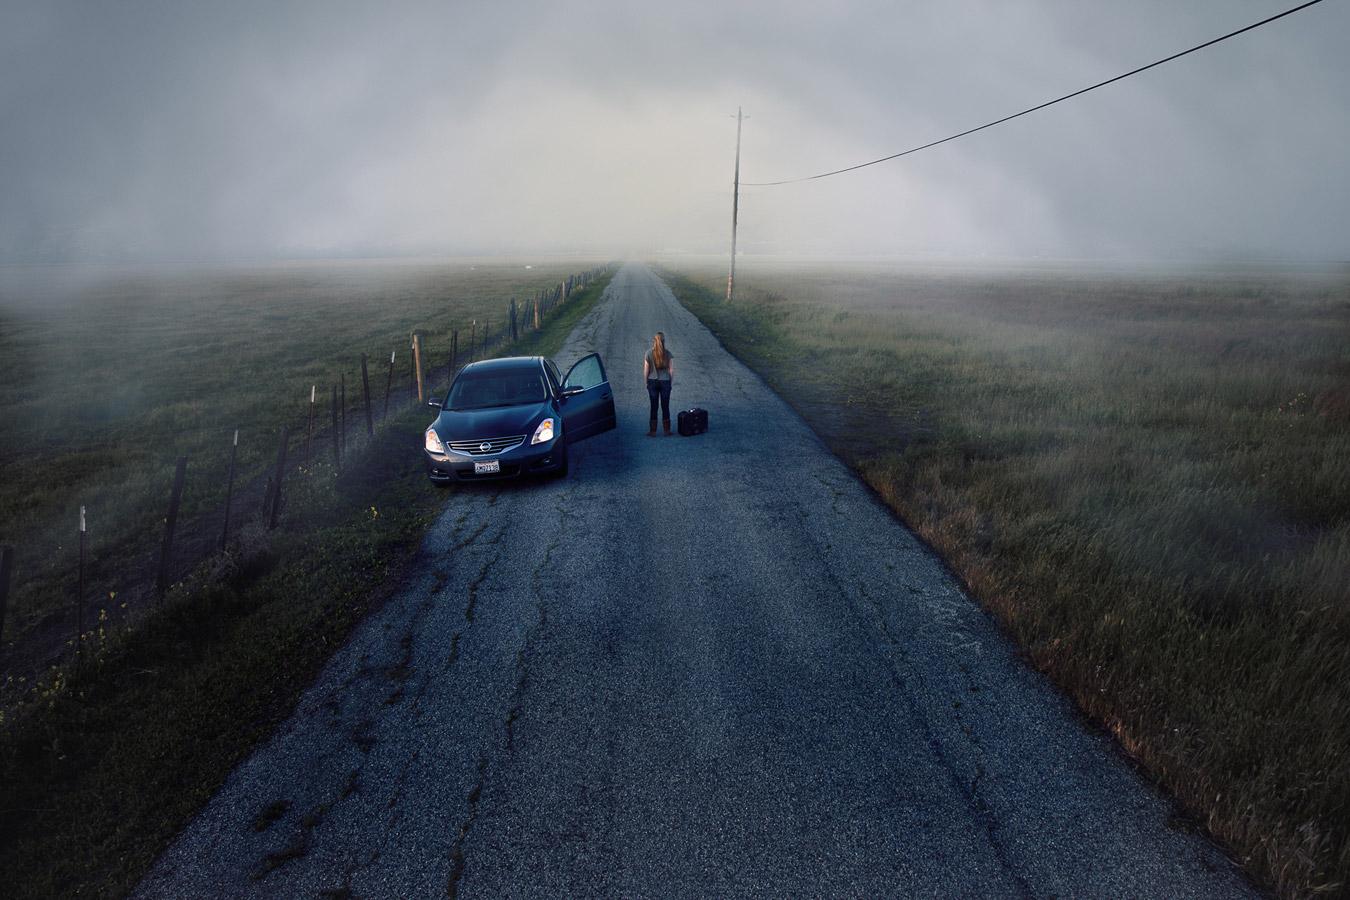 «Иногда ваша дорога выбирает вас», © Крейг Колвин / Craig Colvin, Сан-Хосе, США, Финалист категории «Идеи», Фотоконкурс «Одна жизнь» — One Life Awards